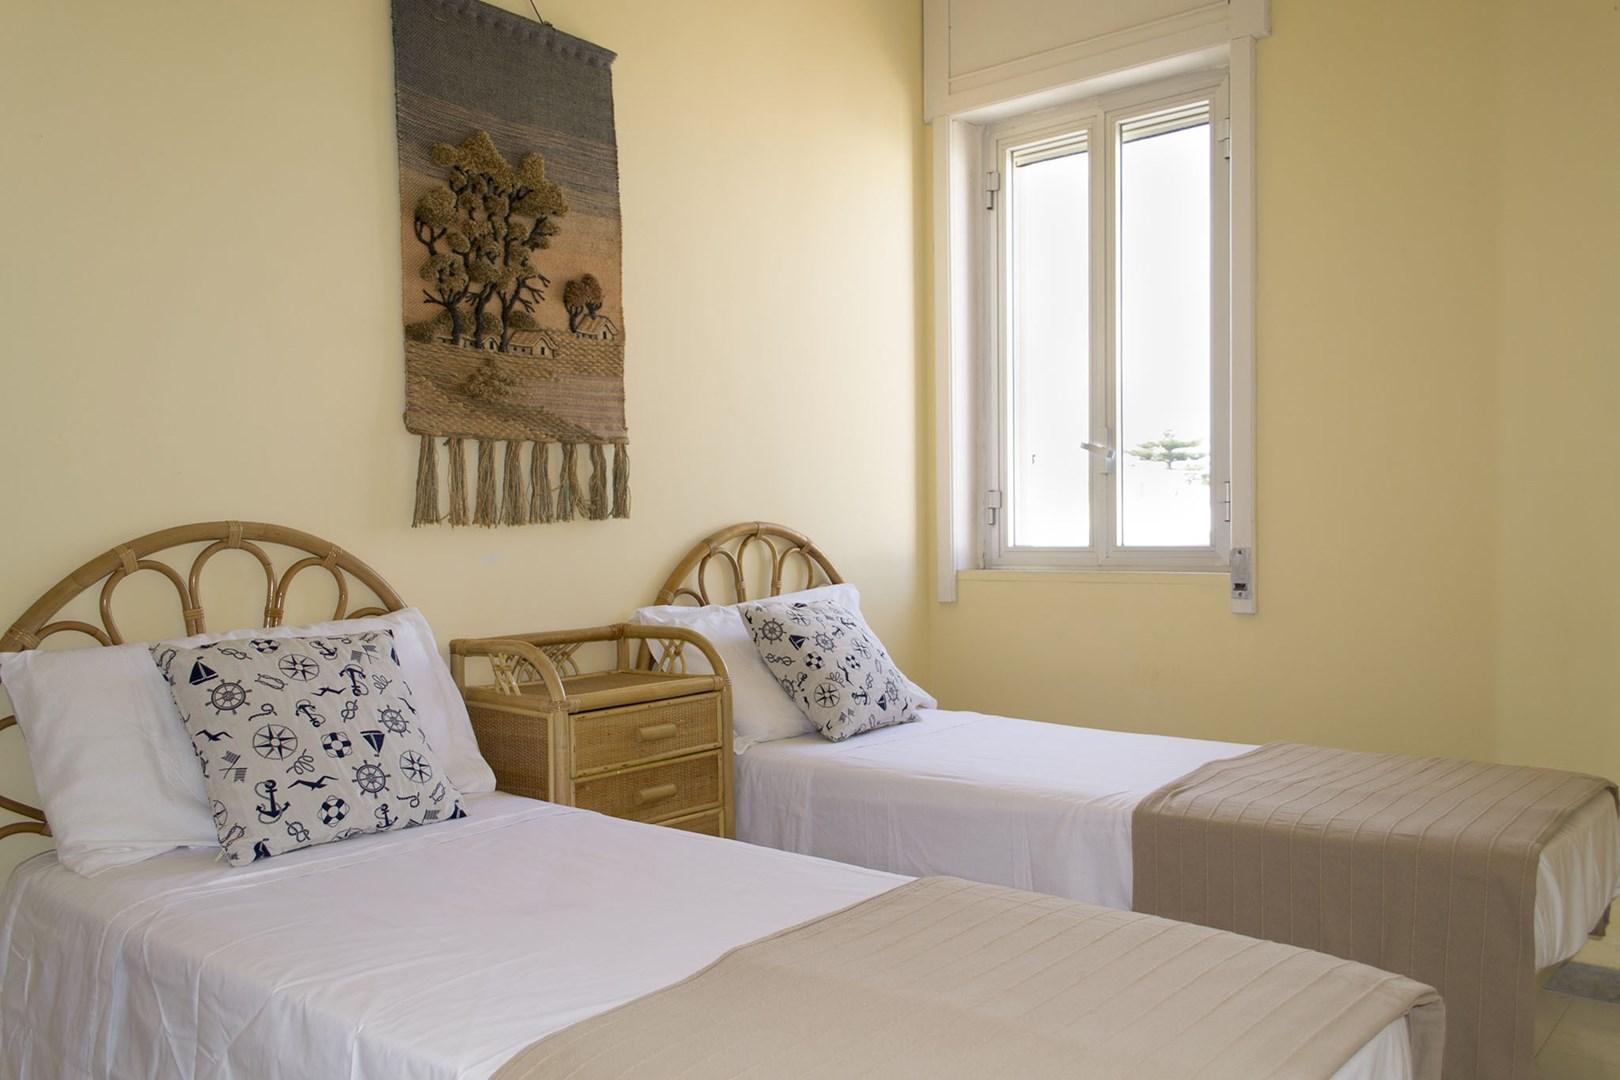 508_appartamento-lenin_cameretta_2.jpg